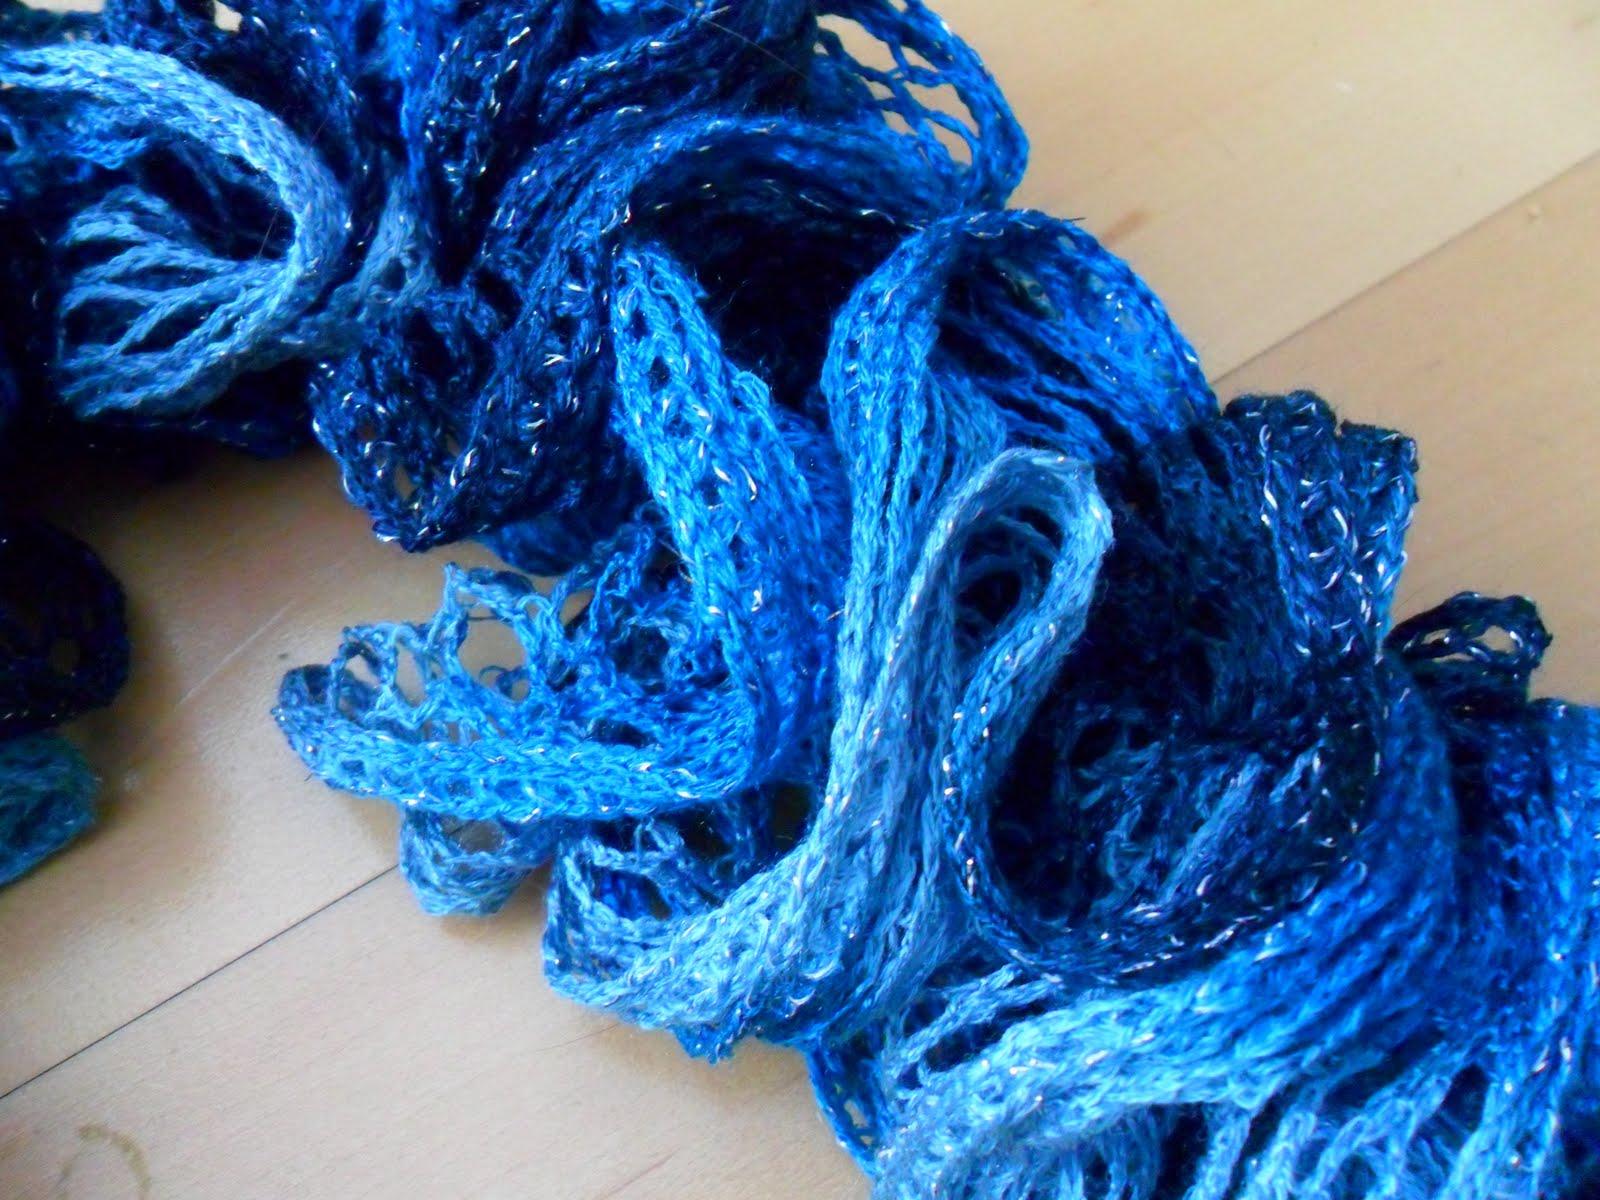 Sashay Ruffle Scarf Knit Pattern : Kiddles N Bits: Knitted Sashay Ruffle Scarf